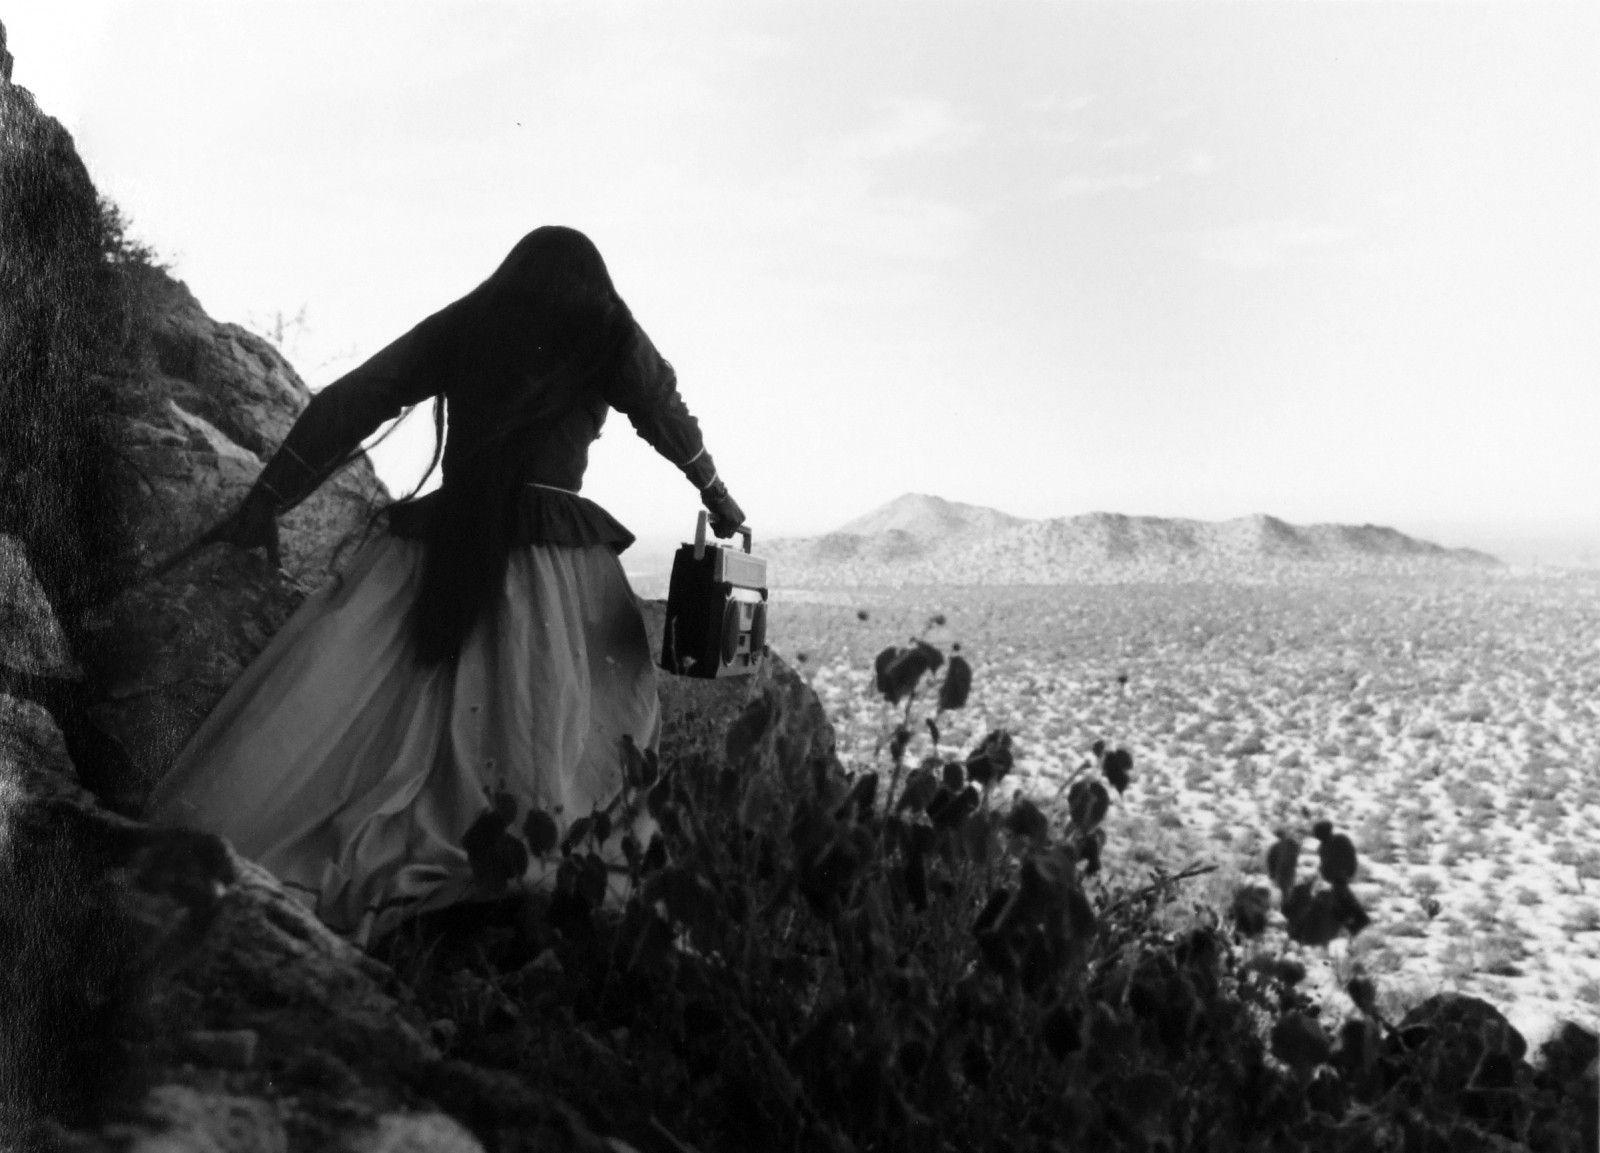 Graciela Iturbide, Mujer ángel, Desierto de Sonora, México, 1979, impresión en gelatina de plata. Cortesía: Cecilia Brunson Projects Santiago